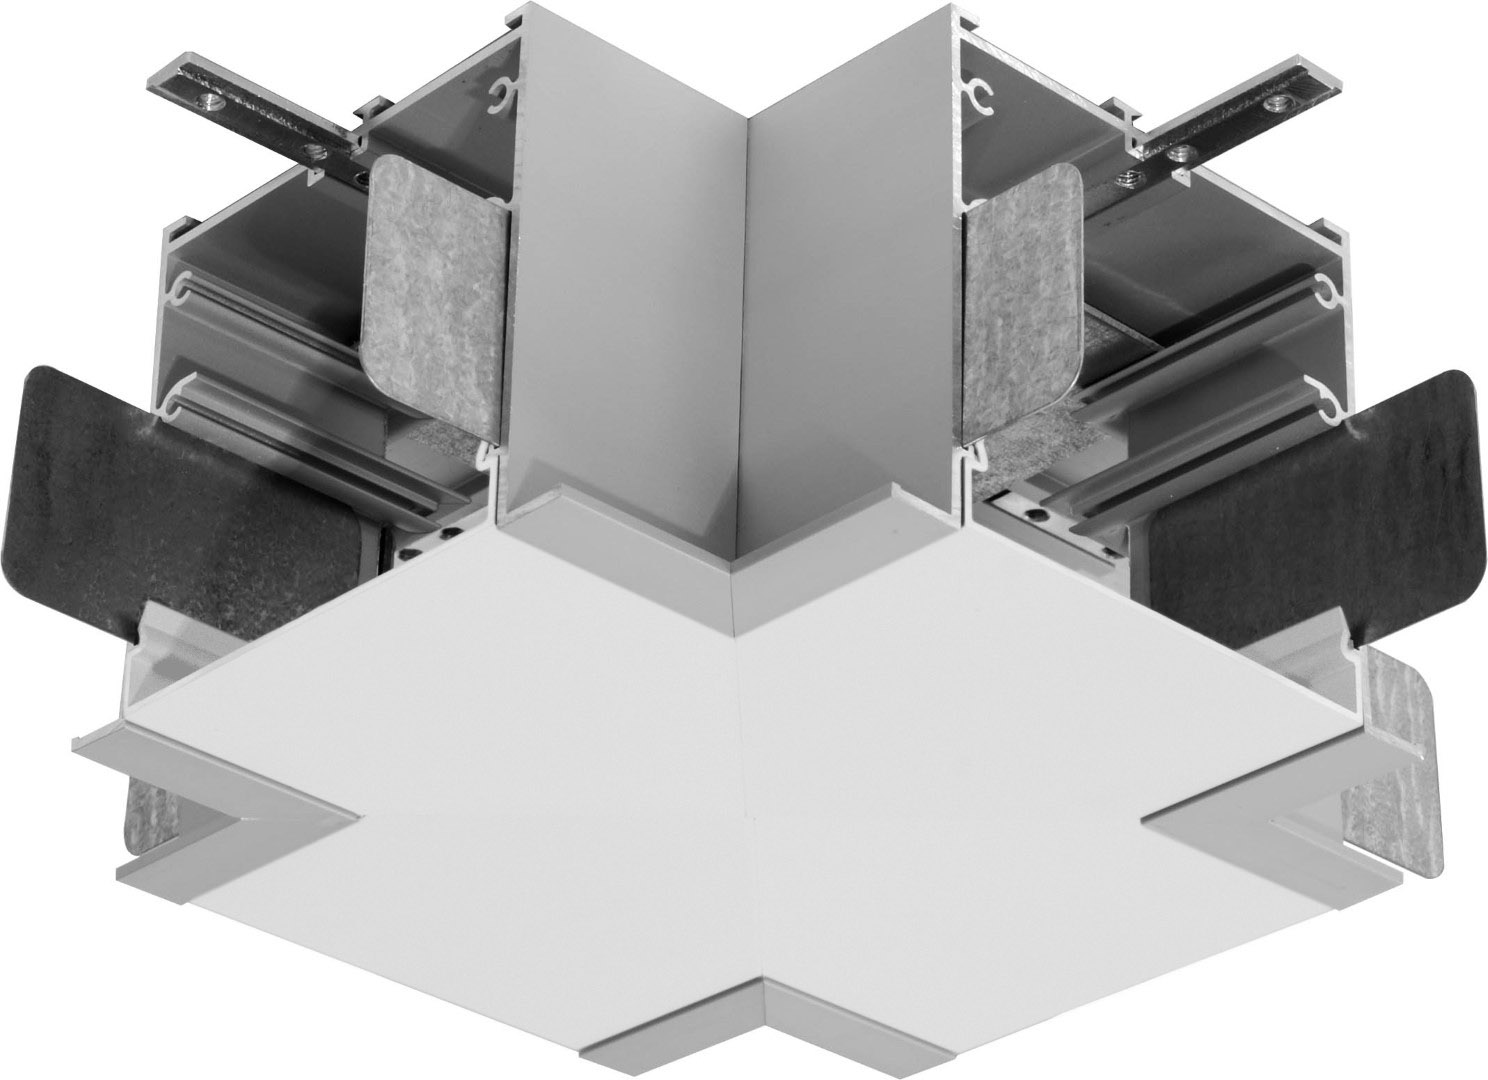 1 Stk KVADRA 70M K4, X - Verbinder mit opaler Abdeckung LI35000065